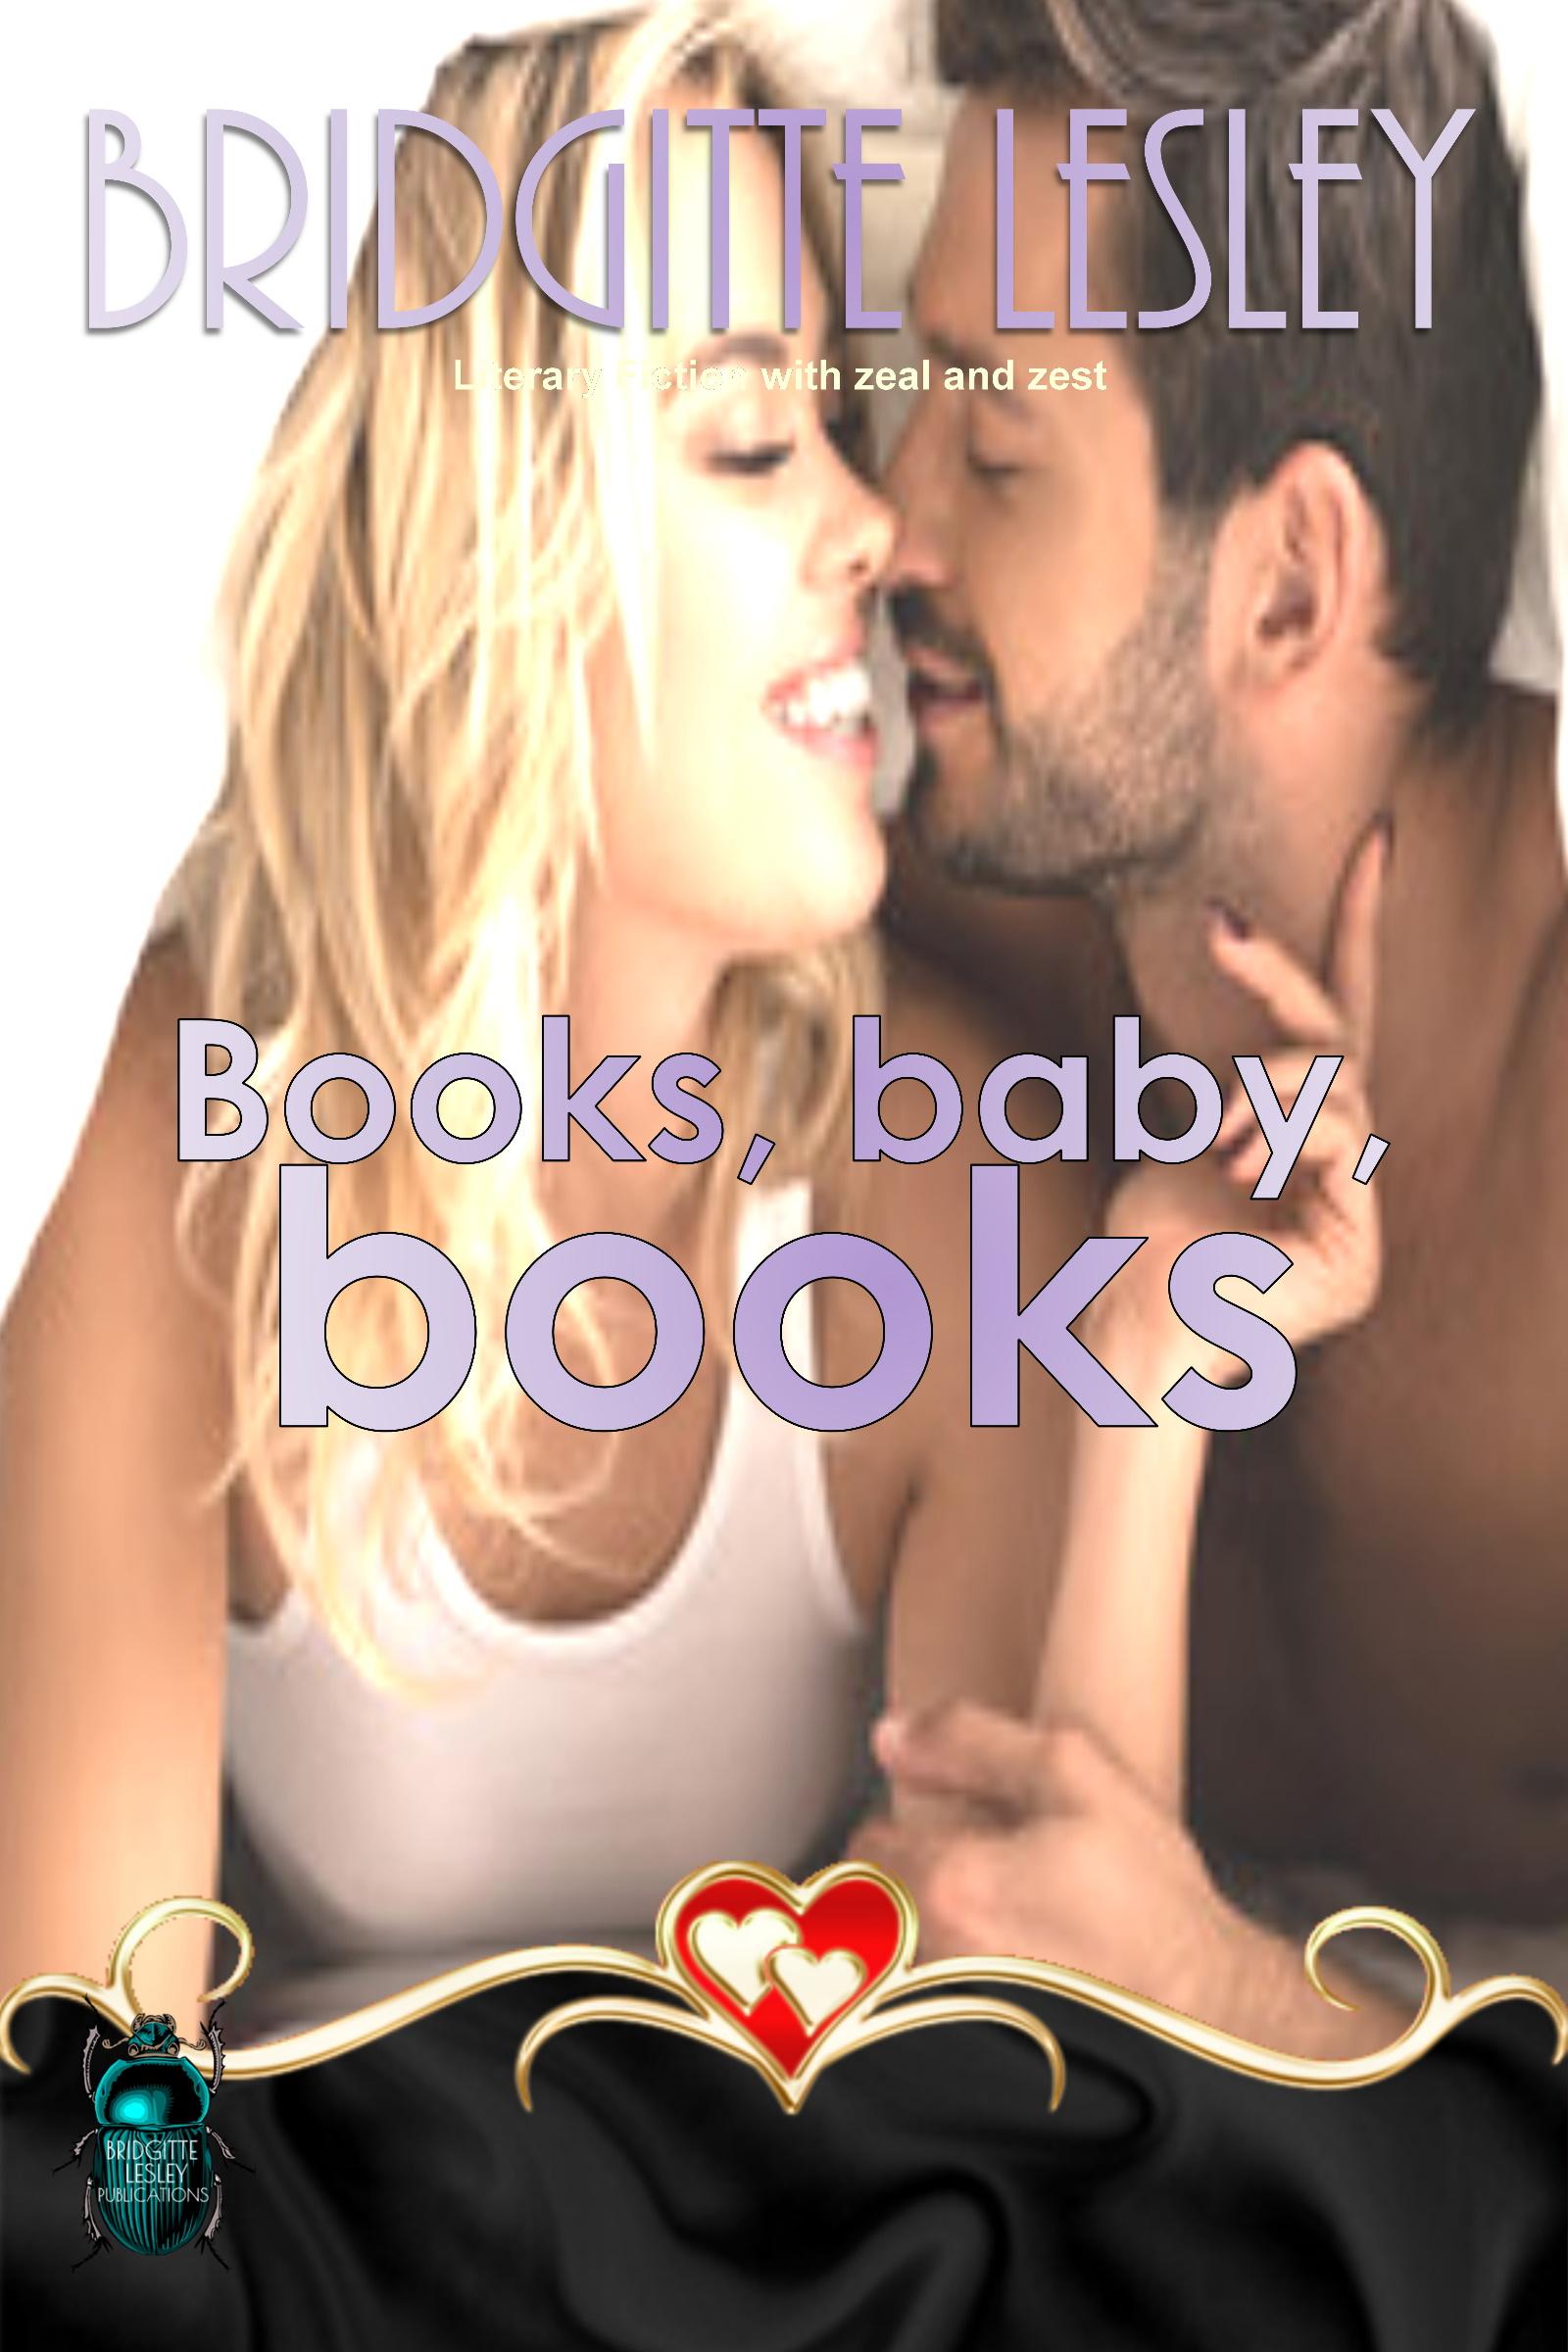 Books, baby, books